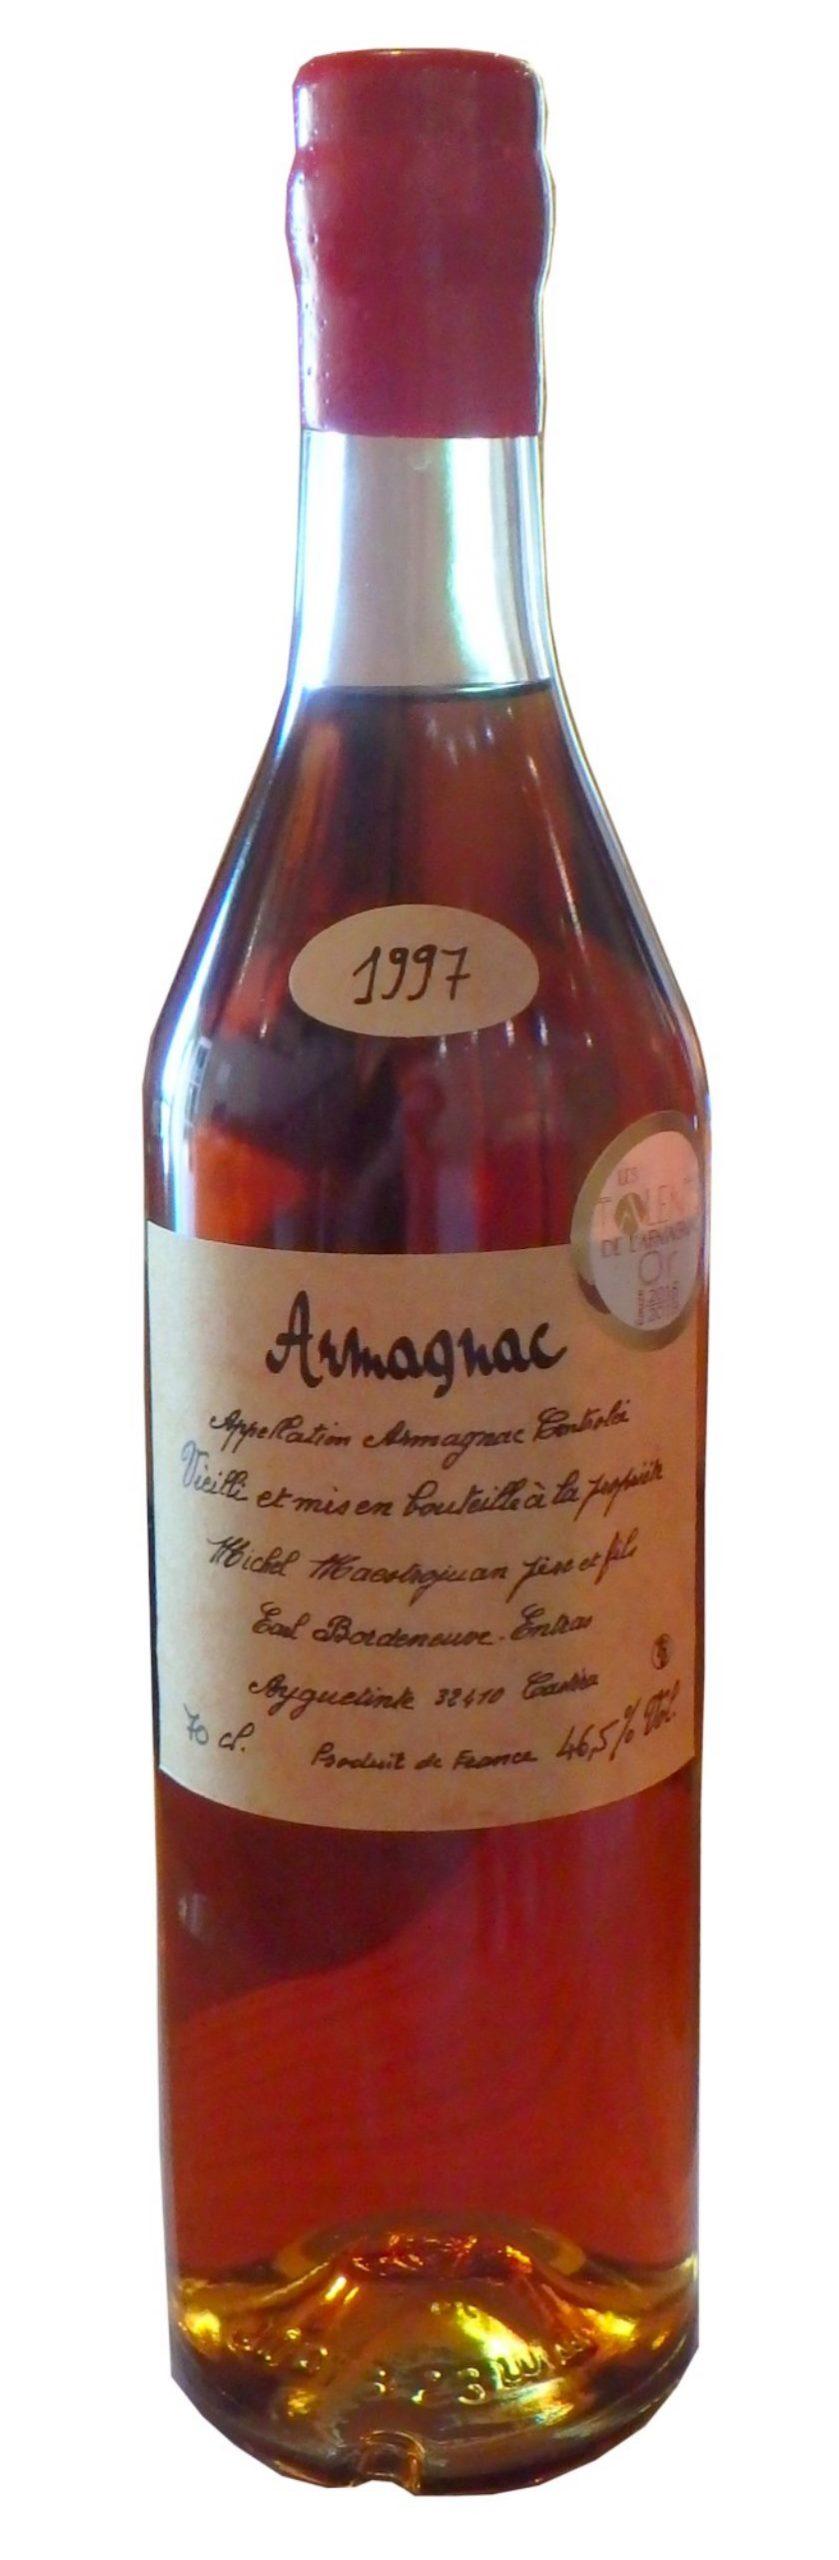 Domaine Entras 1997 – Armagnac Ténareze